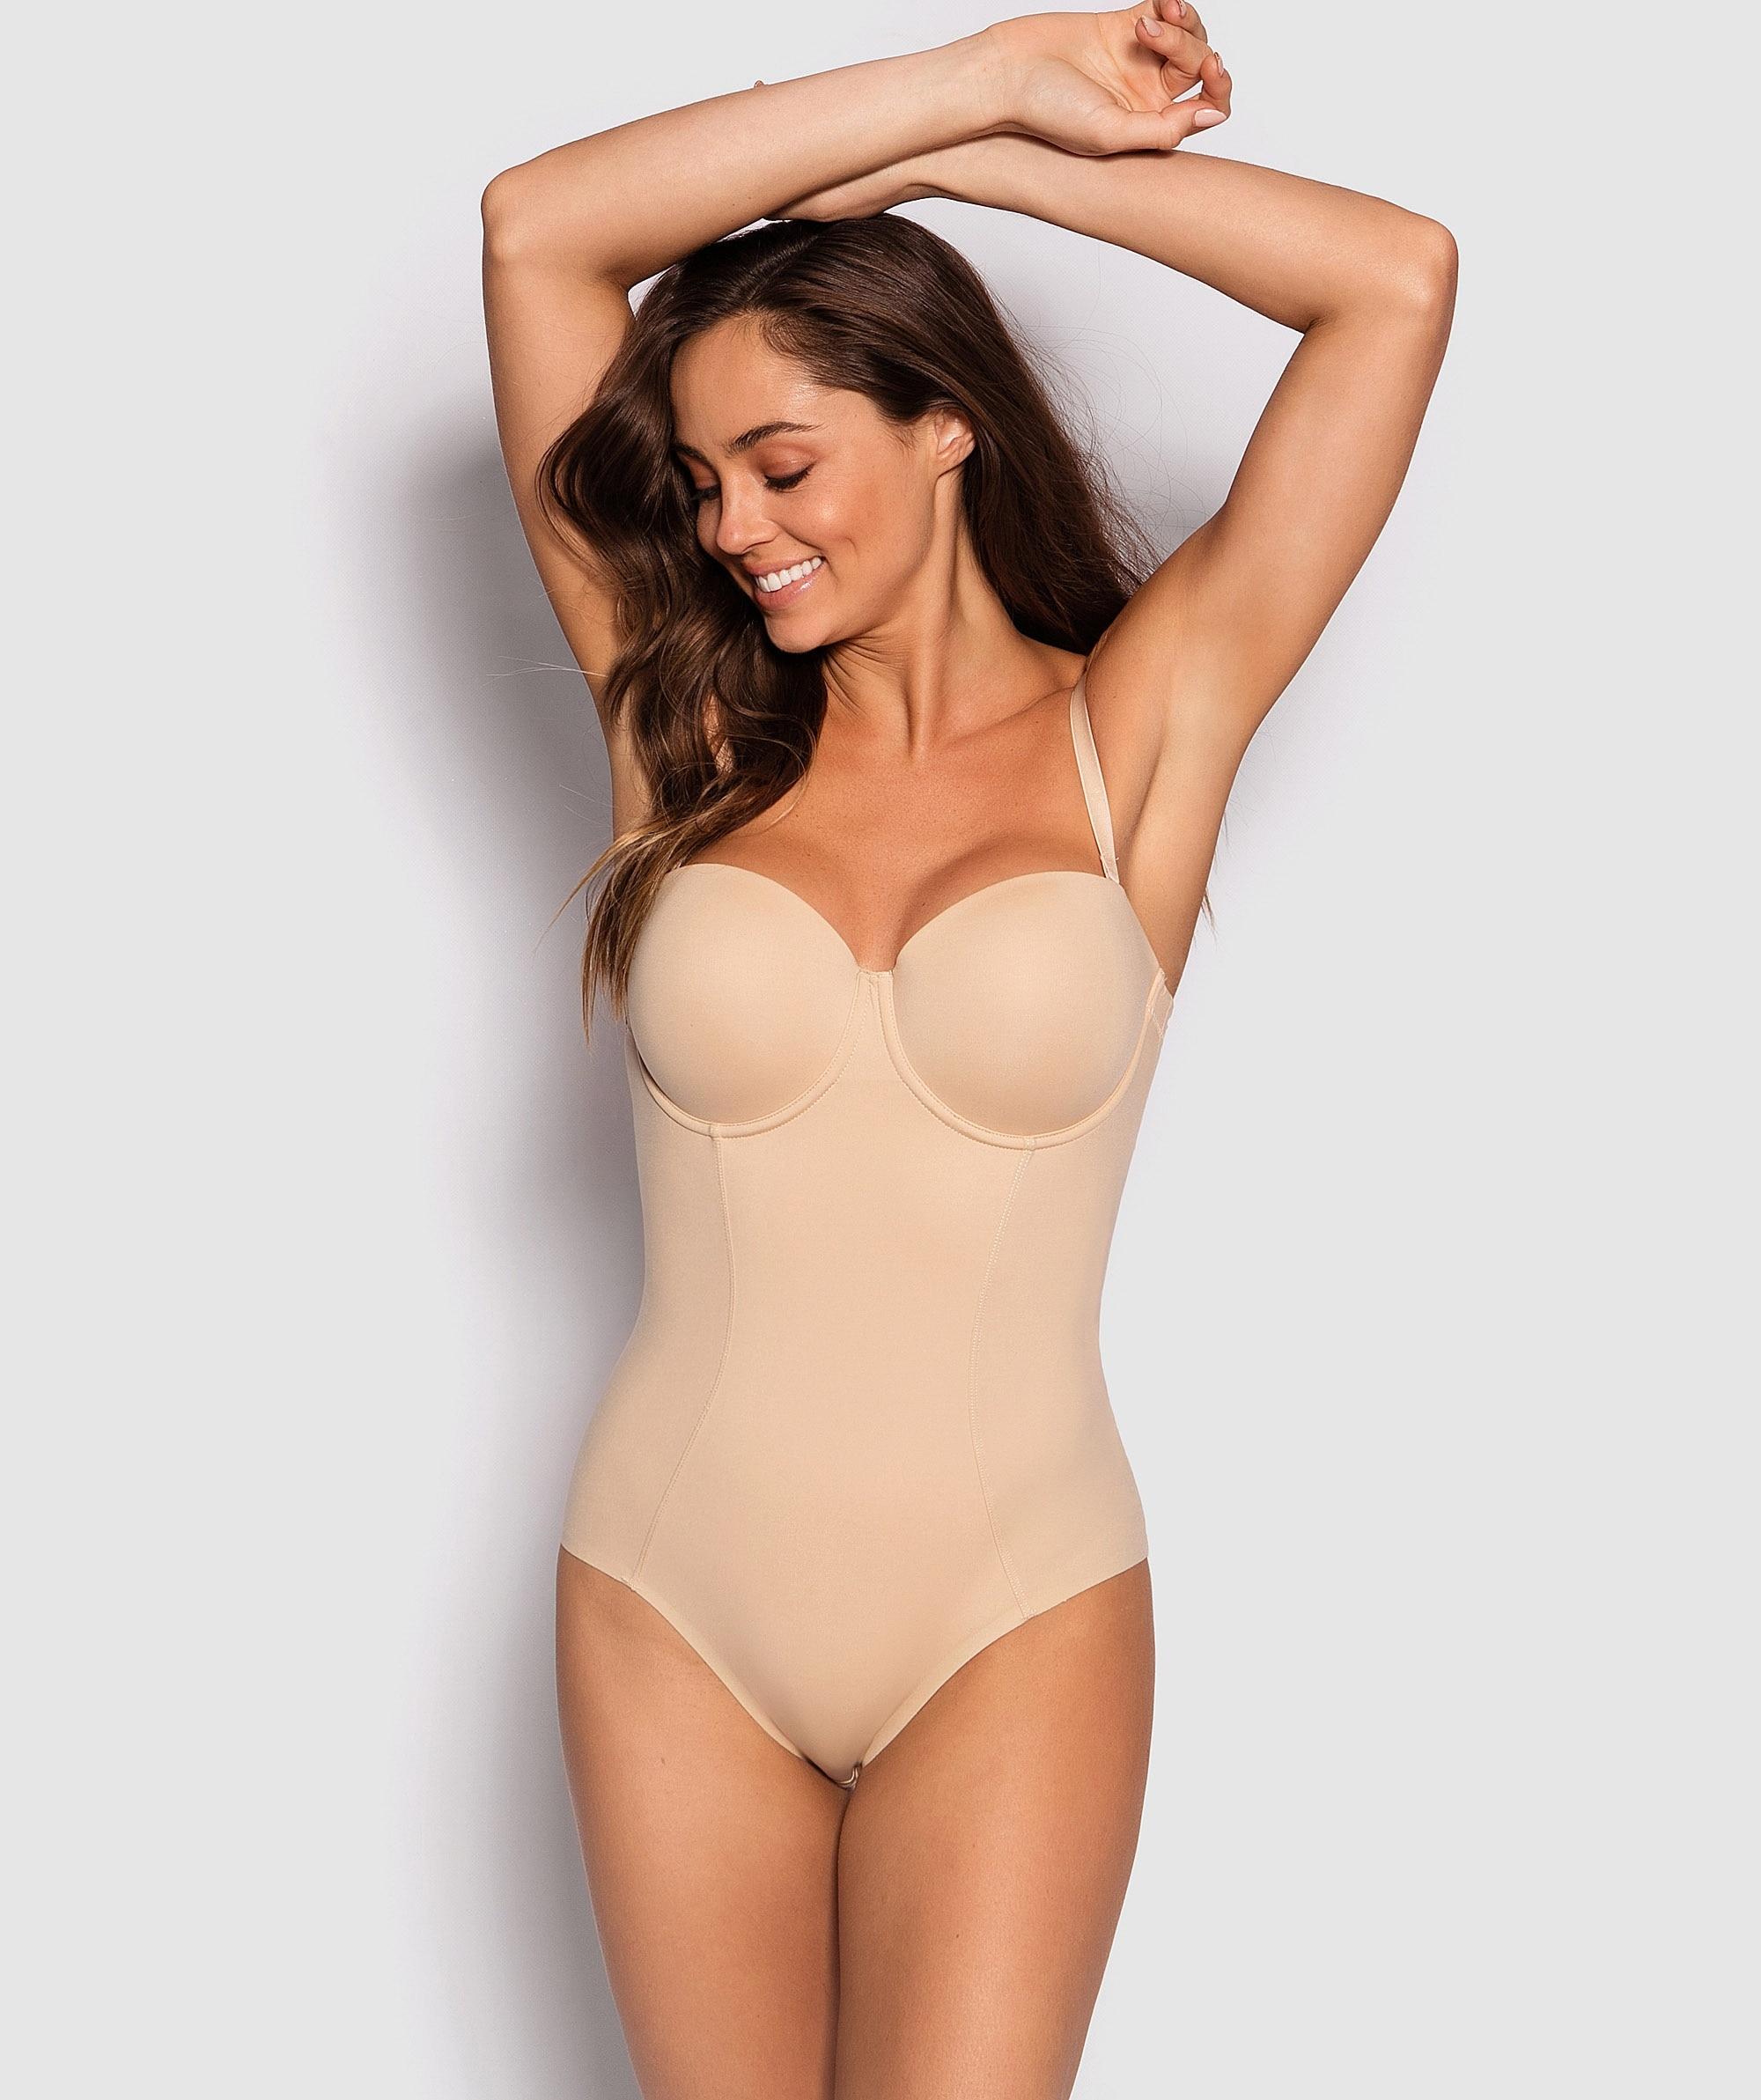 Body Basics Control Bodysuit - Nude